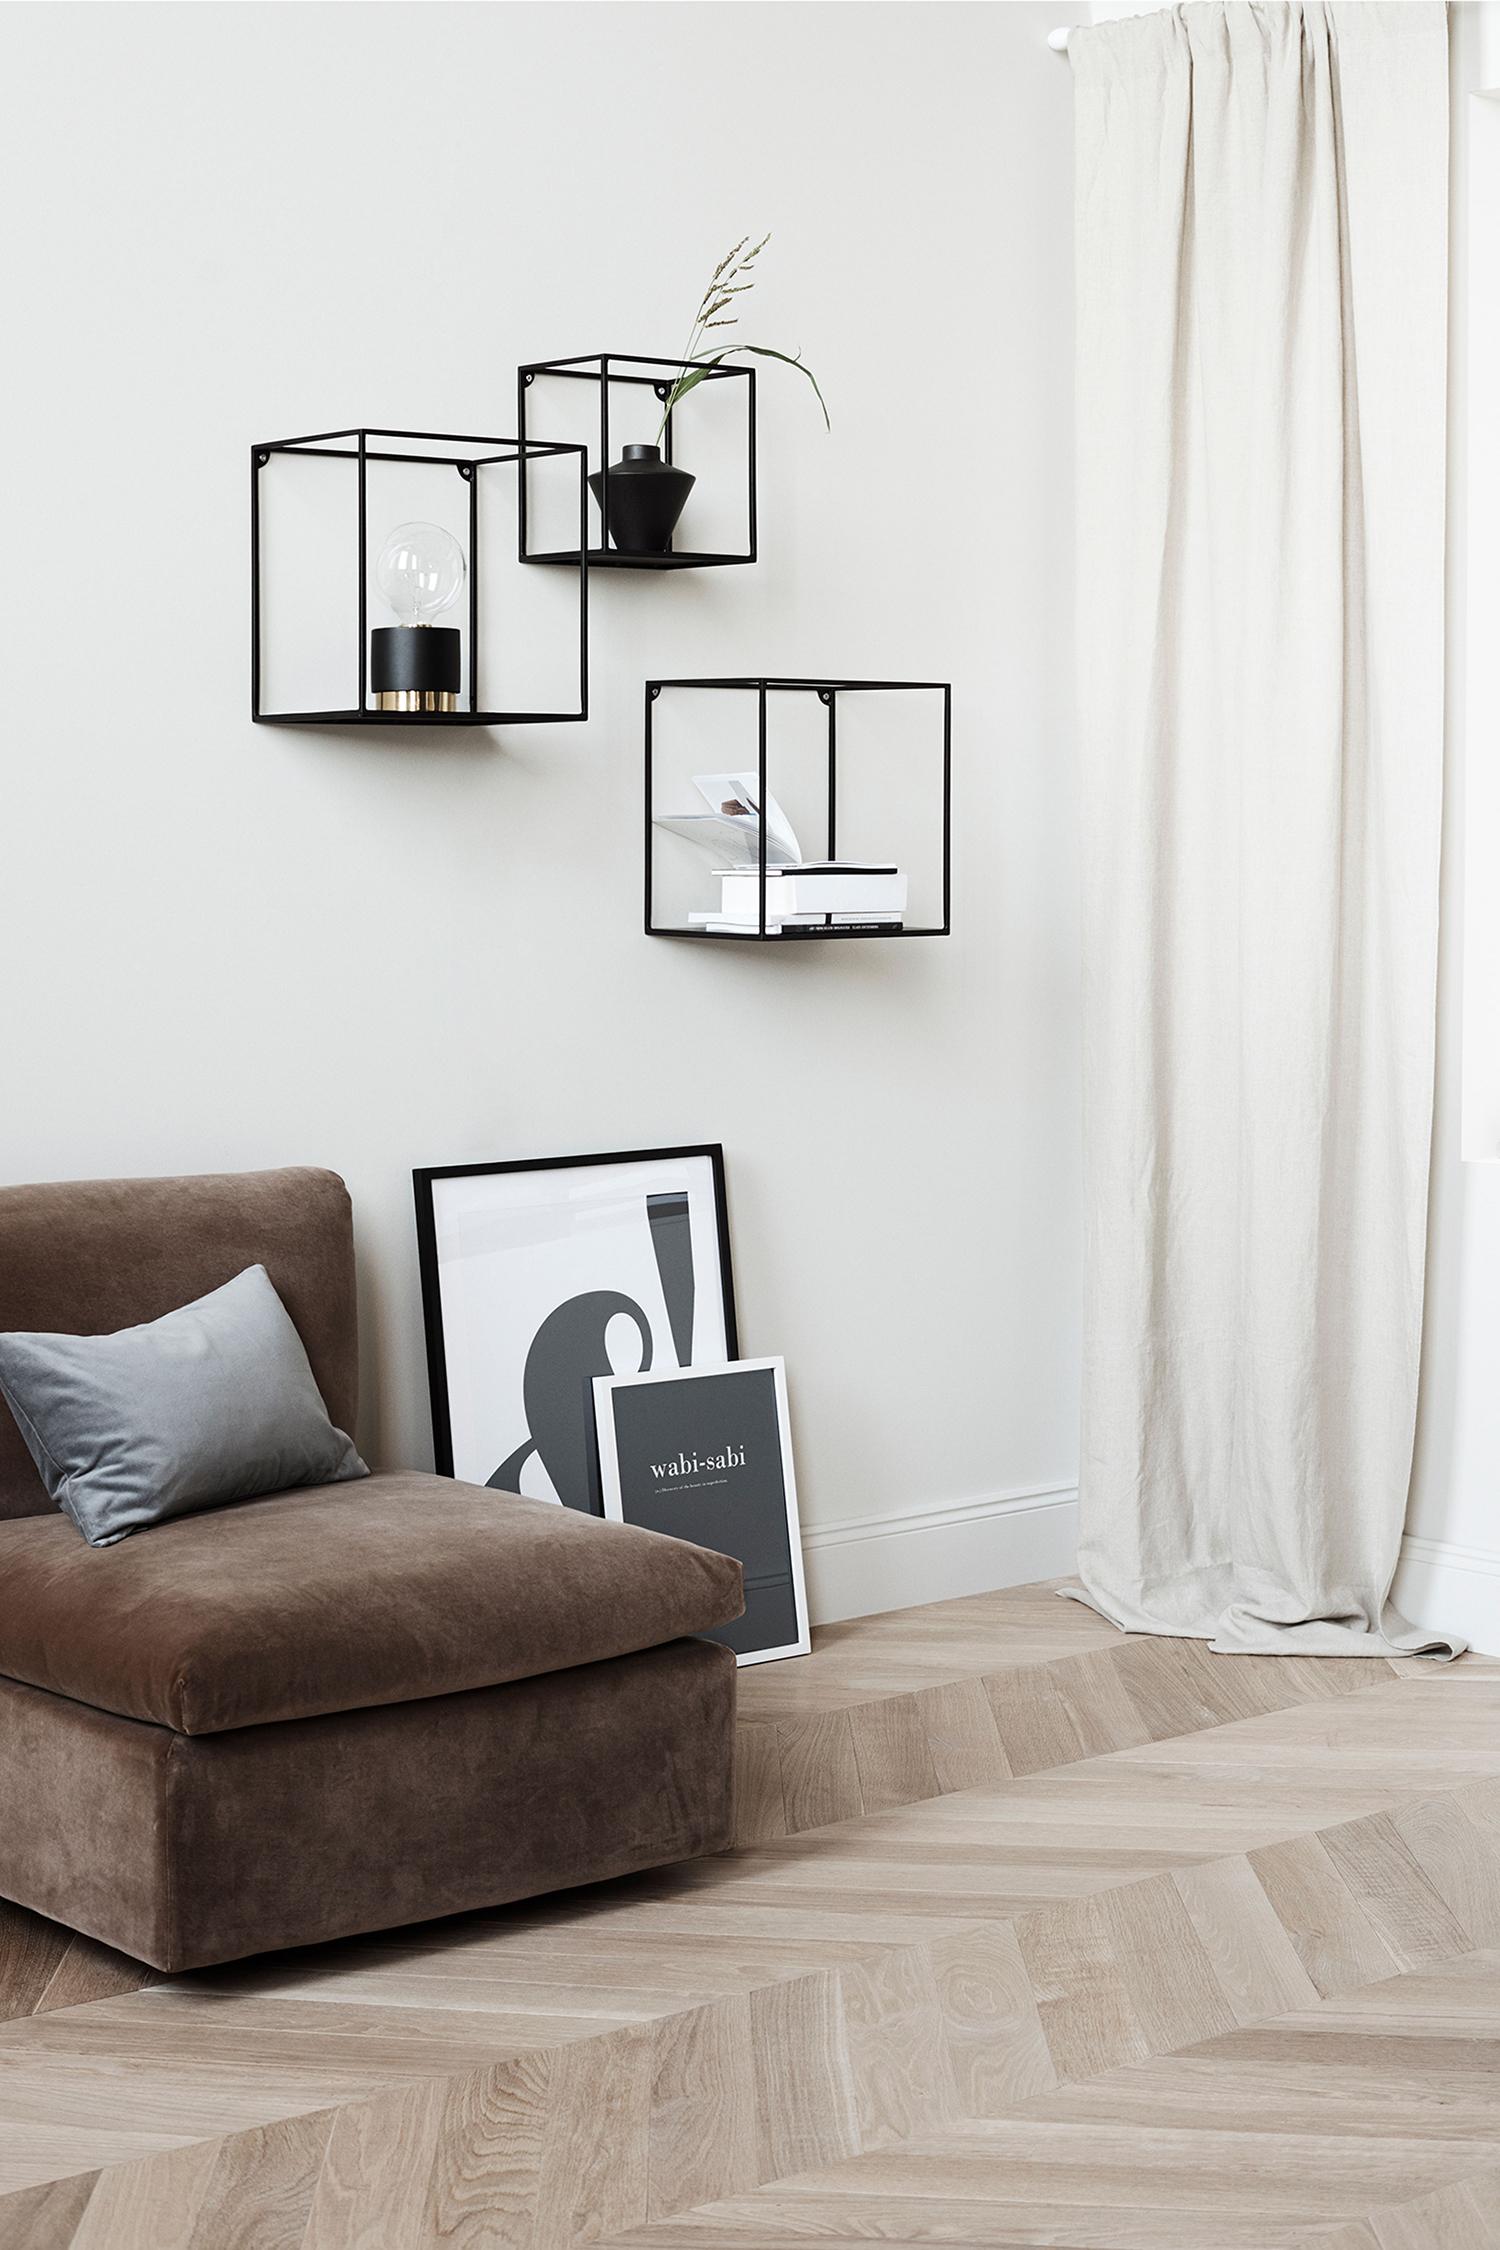 H&M meubelcollectie Groot, metalen wandrek